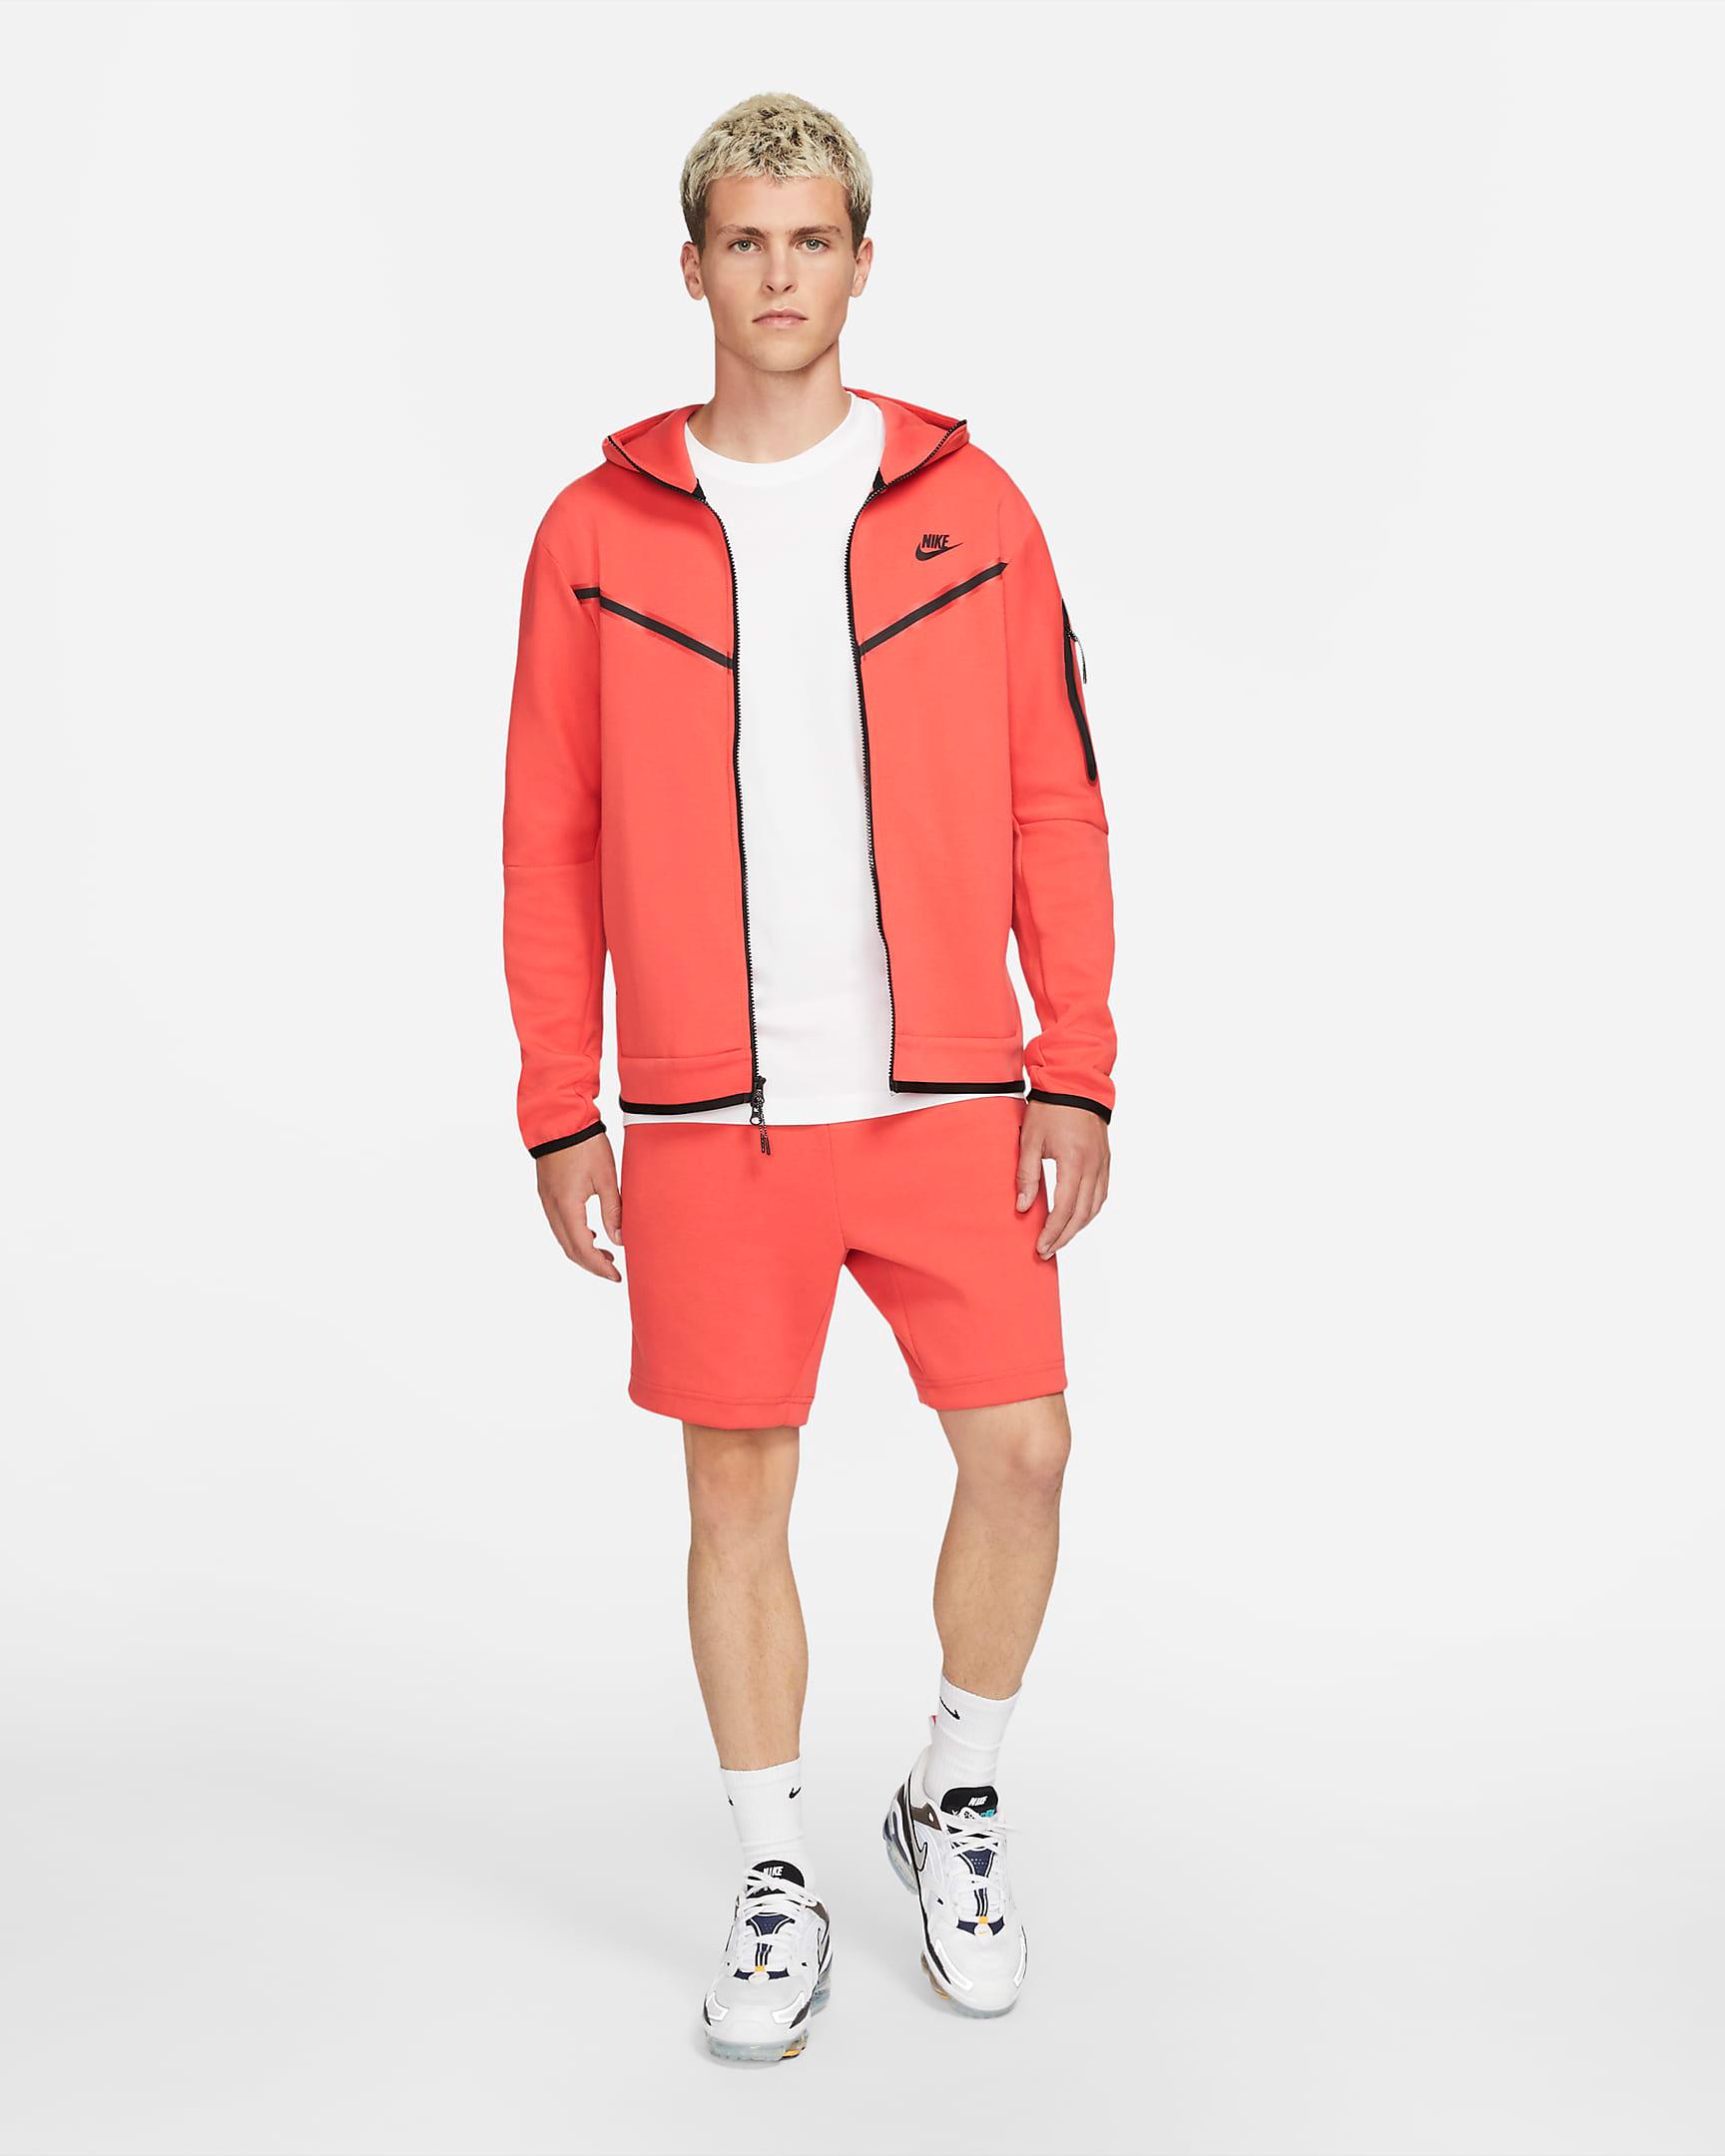 nike-lobster-tech-fleece-apparel